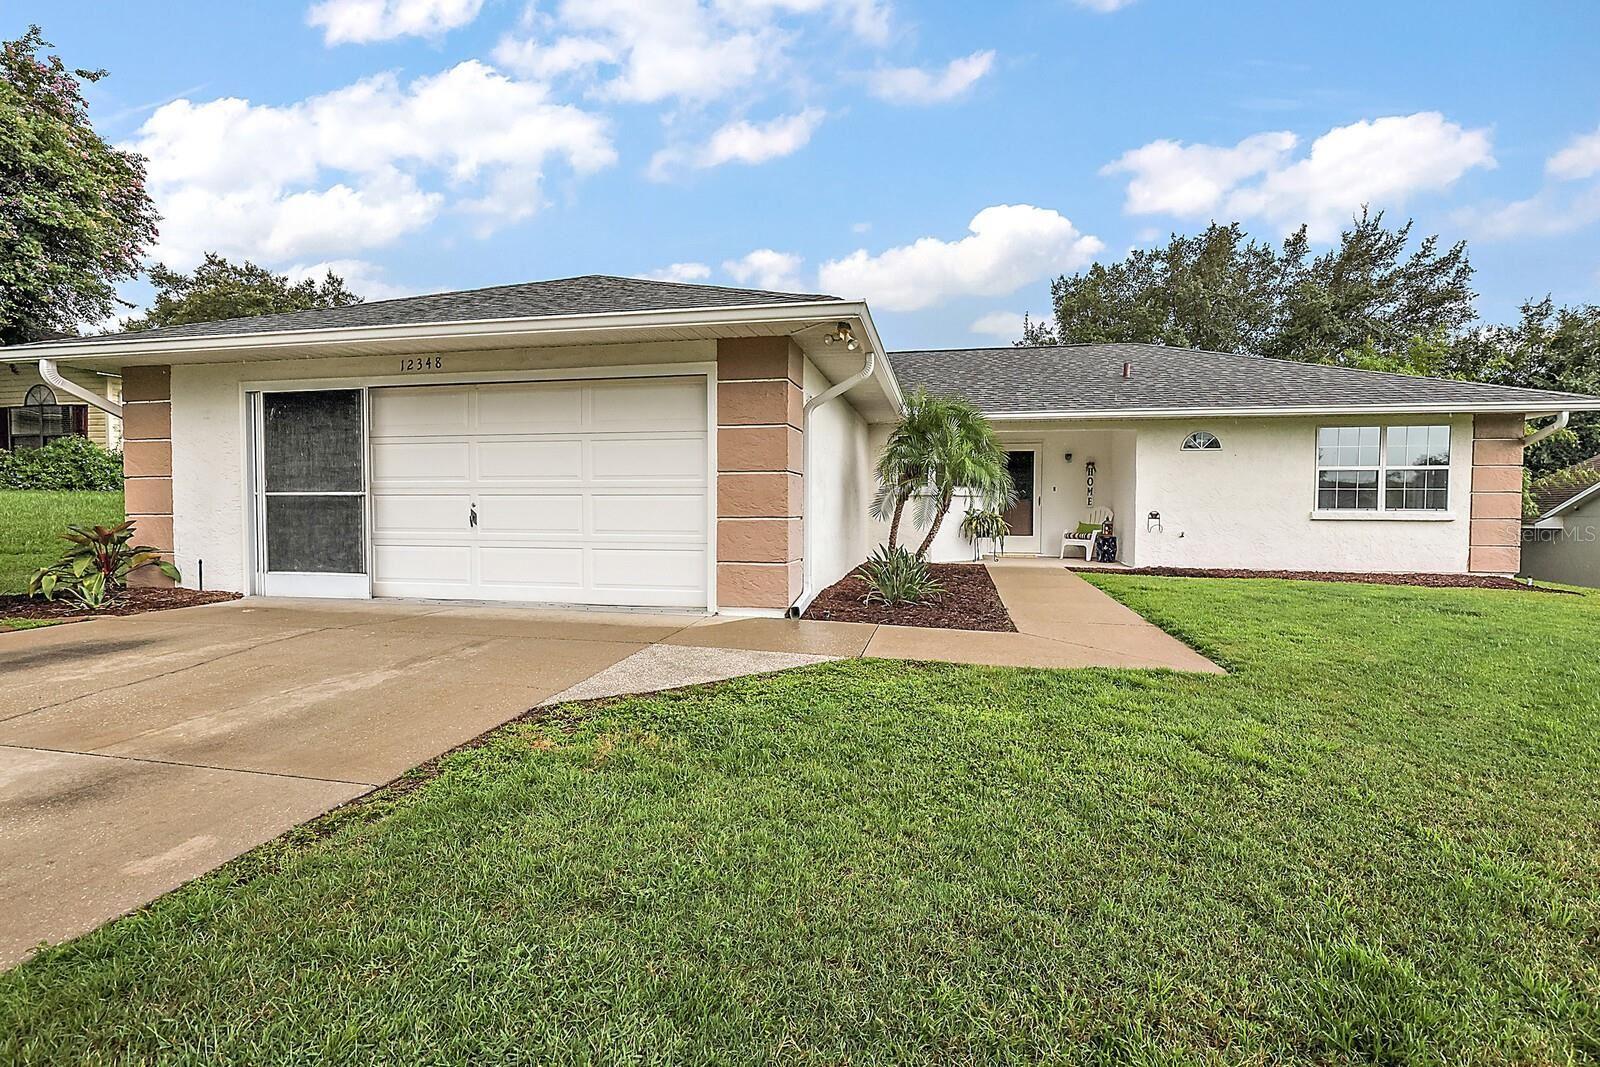 12348 WEDGEFIELD DRIVE, Grand Island, FL 32735 - #: G5044515